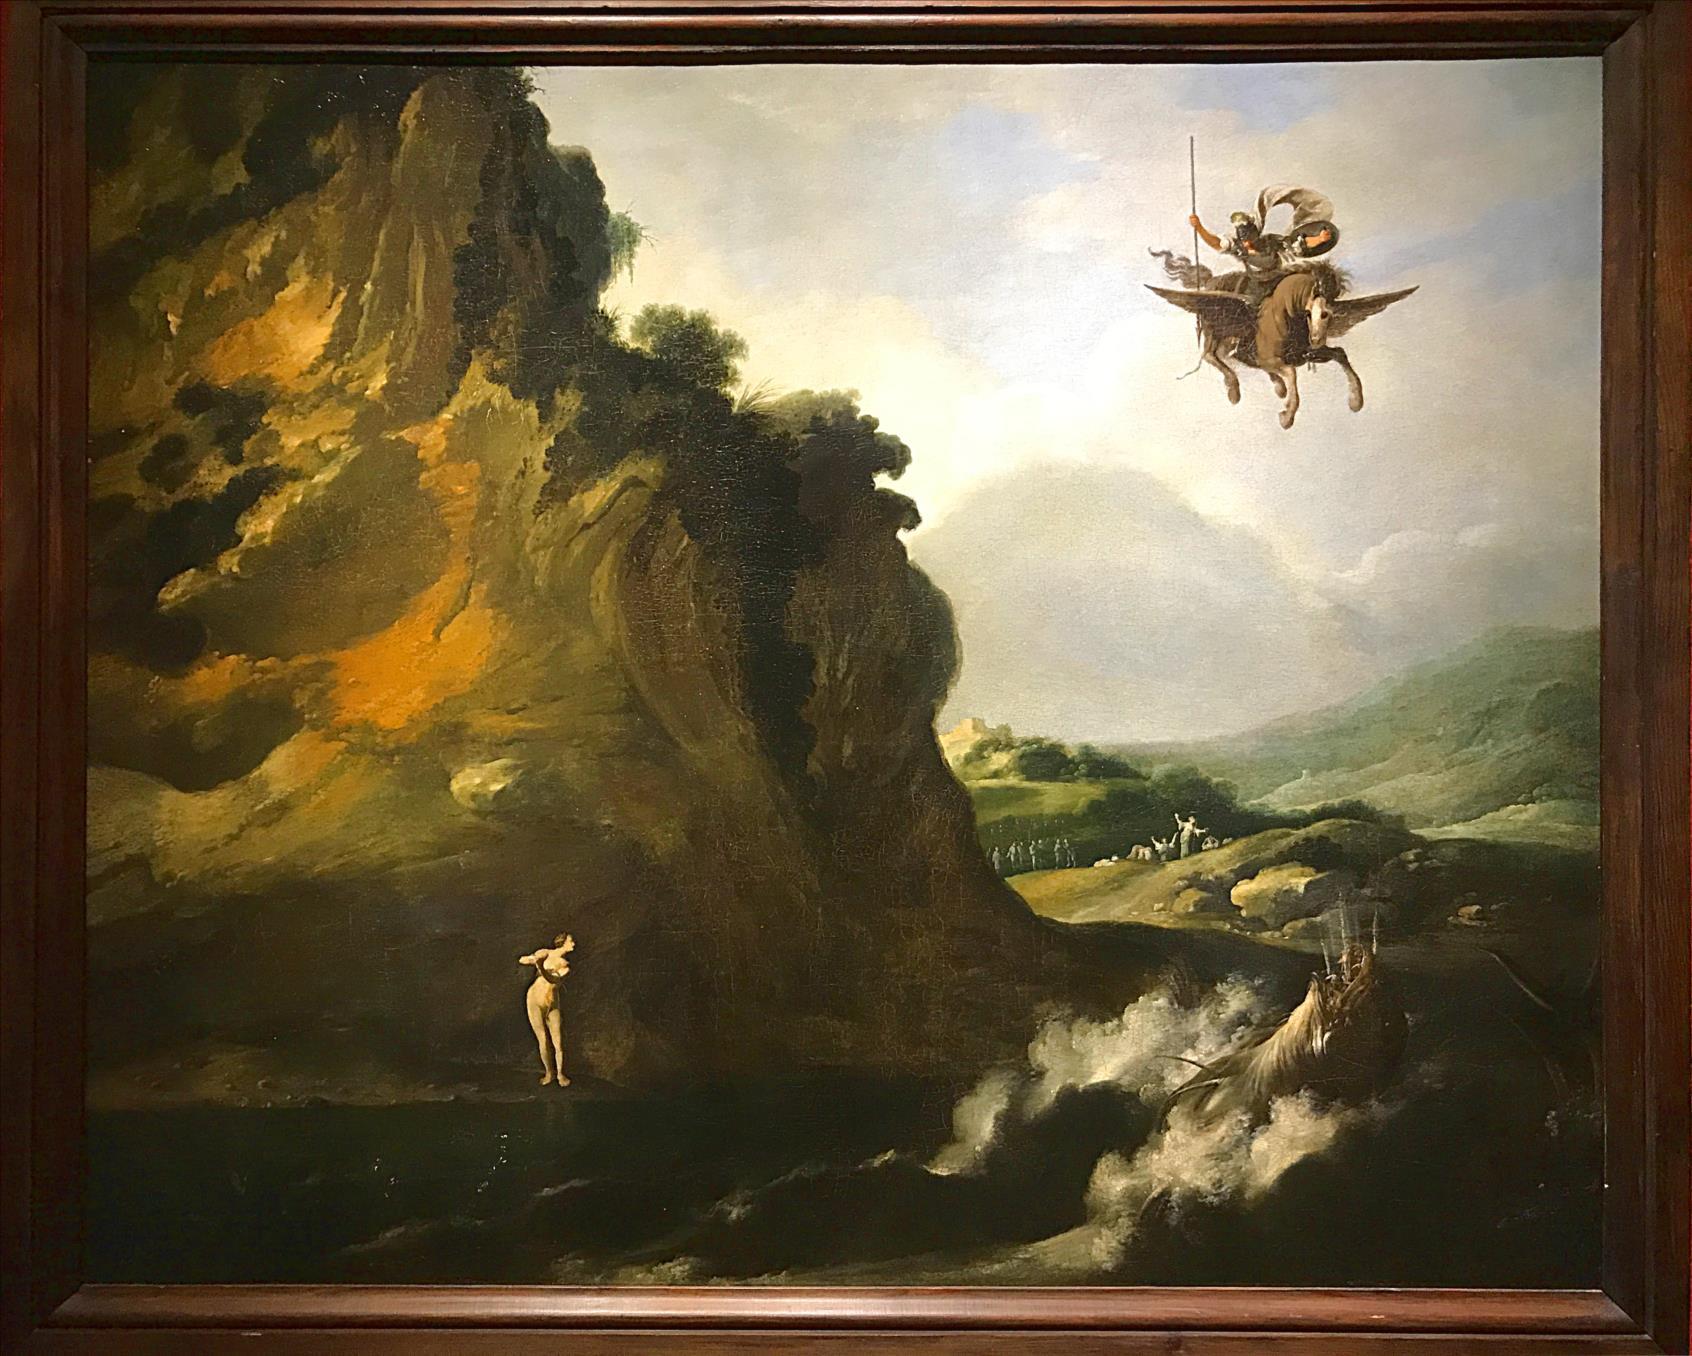 Filippo Napoletano (1590-1629) Roger et Angélique ou Persée et Andromède, 1620-1629, Huile sur toile / La Fère, Musée Jeanne d'Aboville